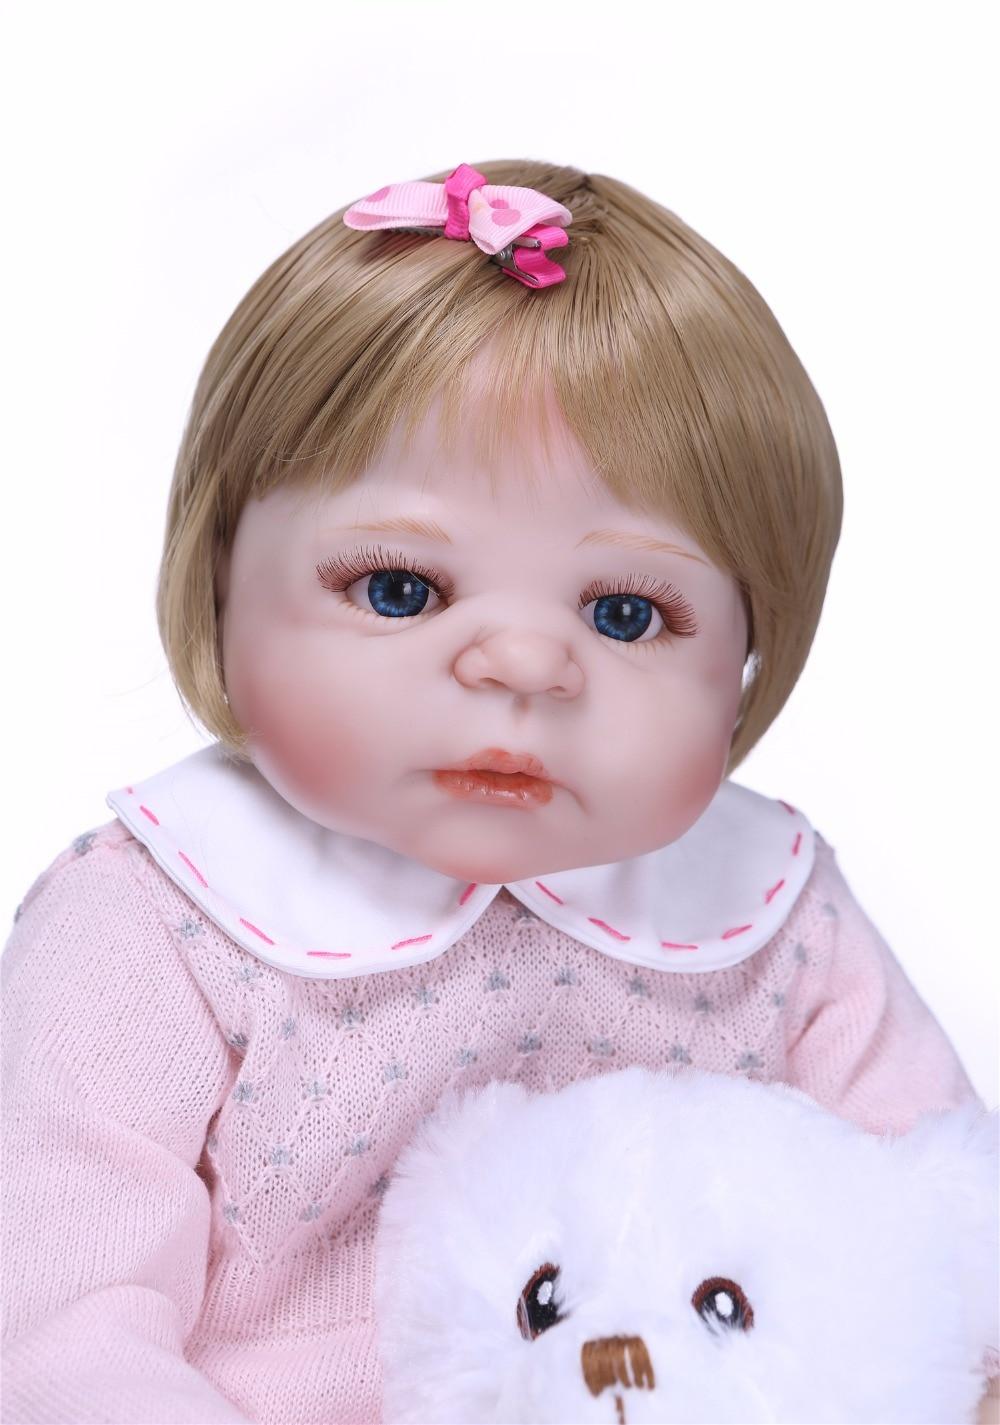 NPK 55 centimetri Newarrival bambola Realistica del Silicone Pieno Bambola Del Bambino Rinato In Vendita Realistico Bebe Alive Dolls Bambini Compagno di Giochi di Natale regali-in Bambole da Giocattoli e hobby su  Gruppo 3